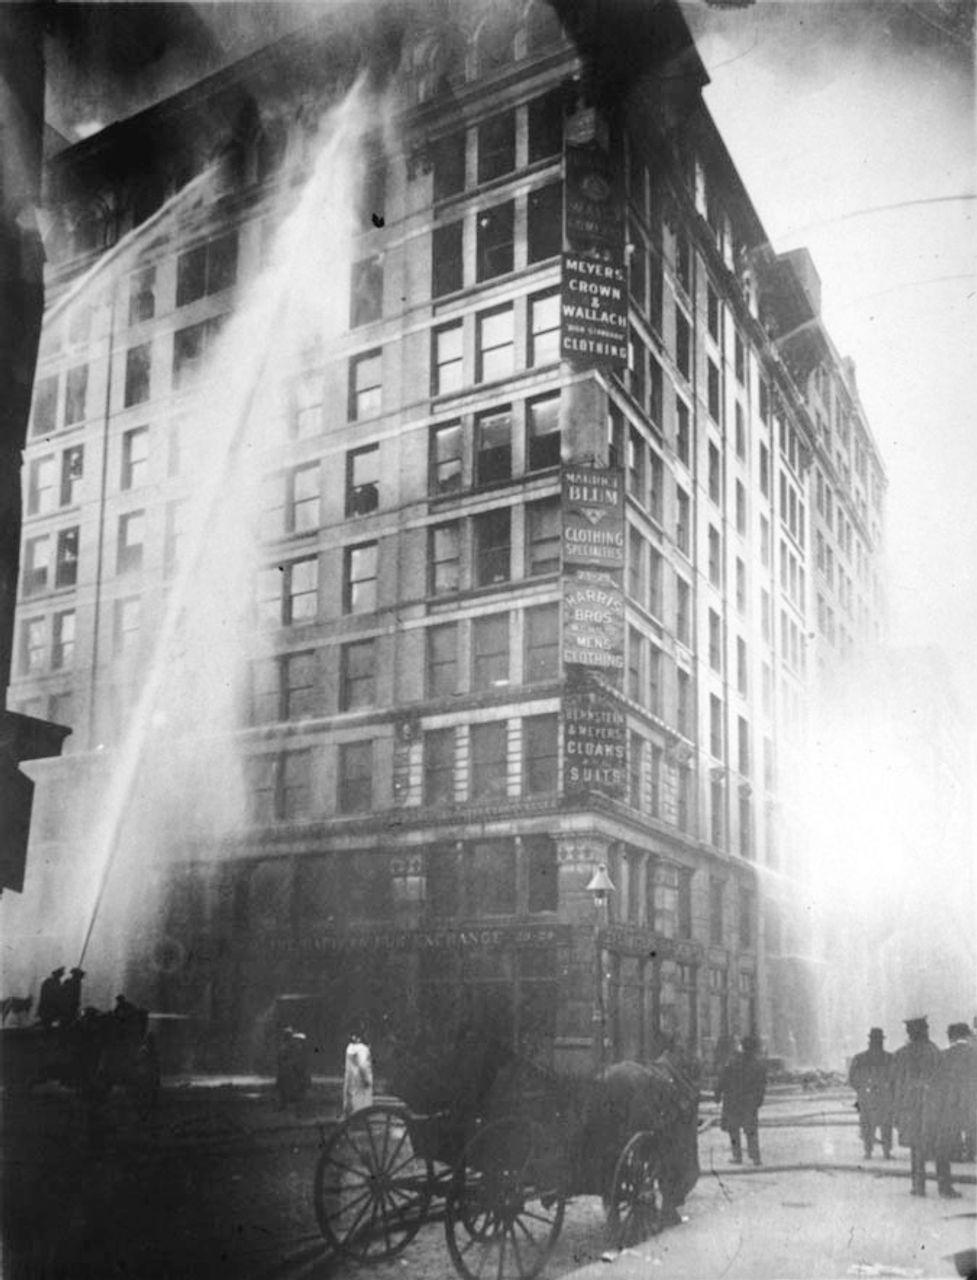 Triangle Shirtwaist Factory fire, March 25, 1911